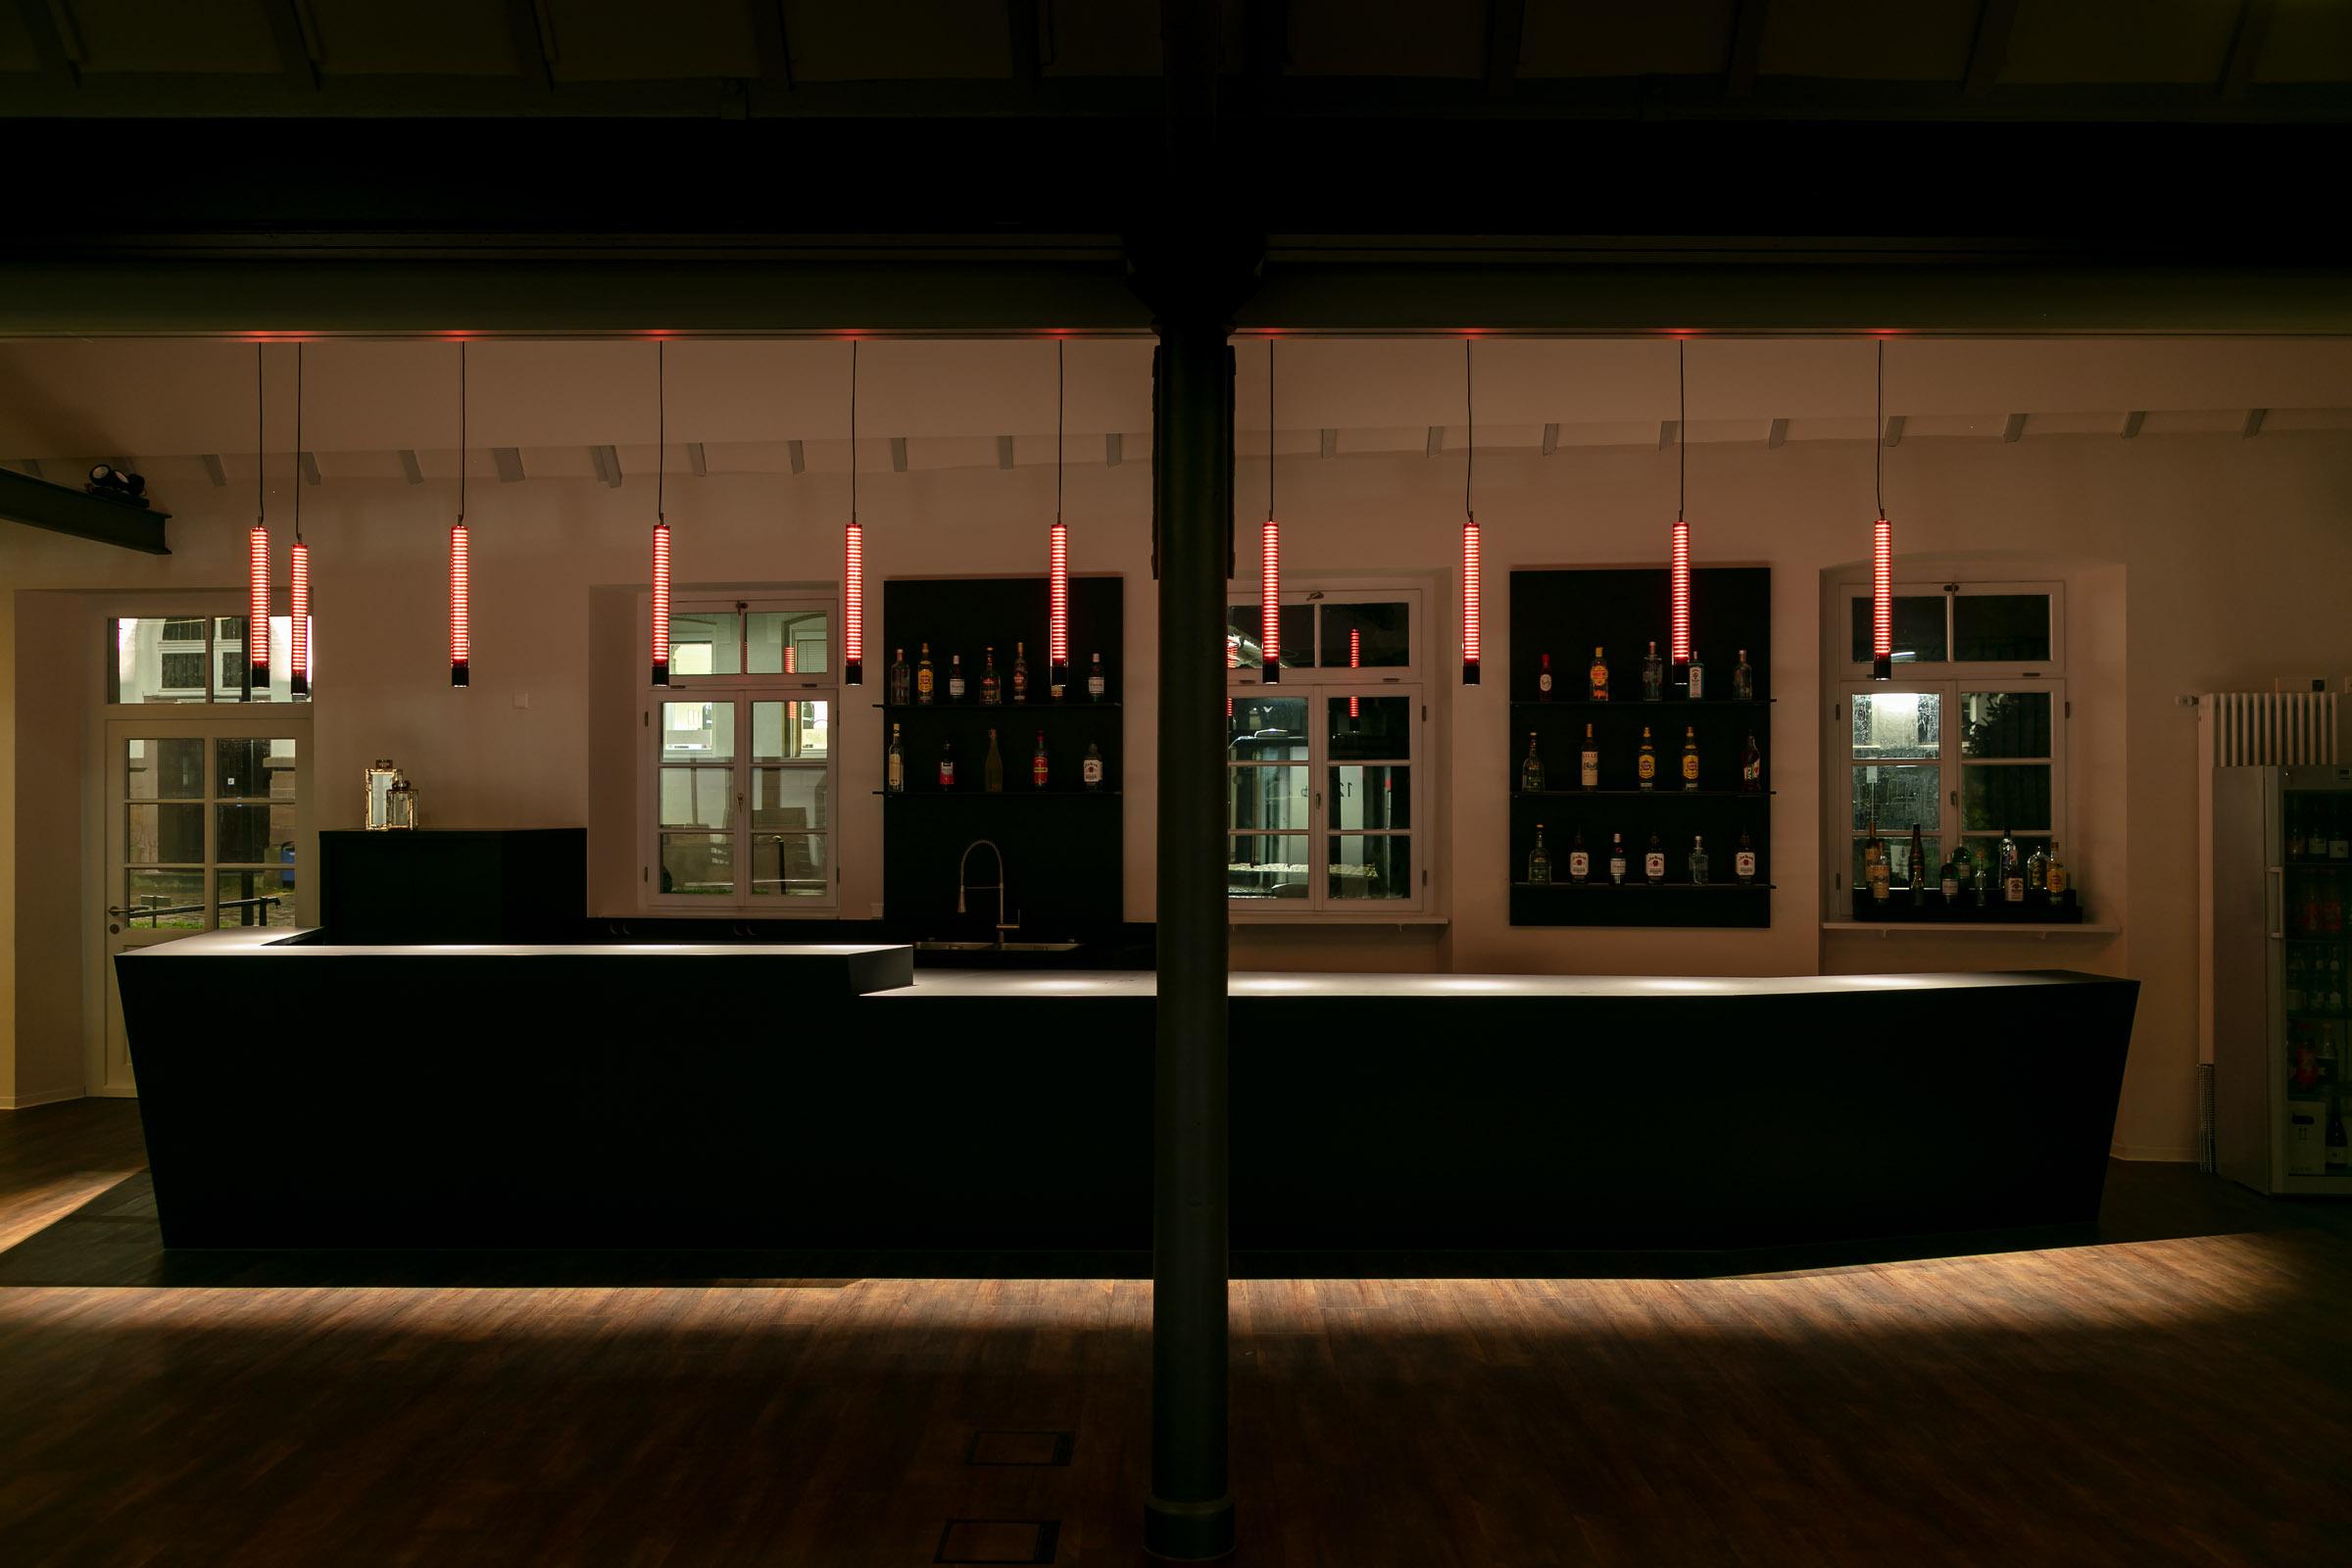 Schwarze Bartheke mit rot leuchtenden Glas-Pendelleuchten darüber